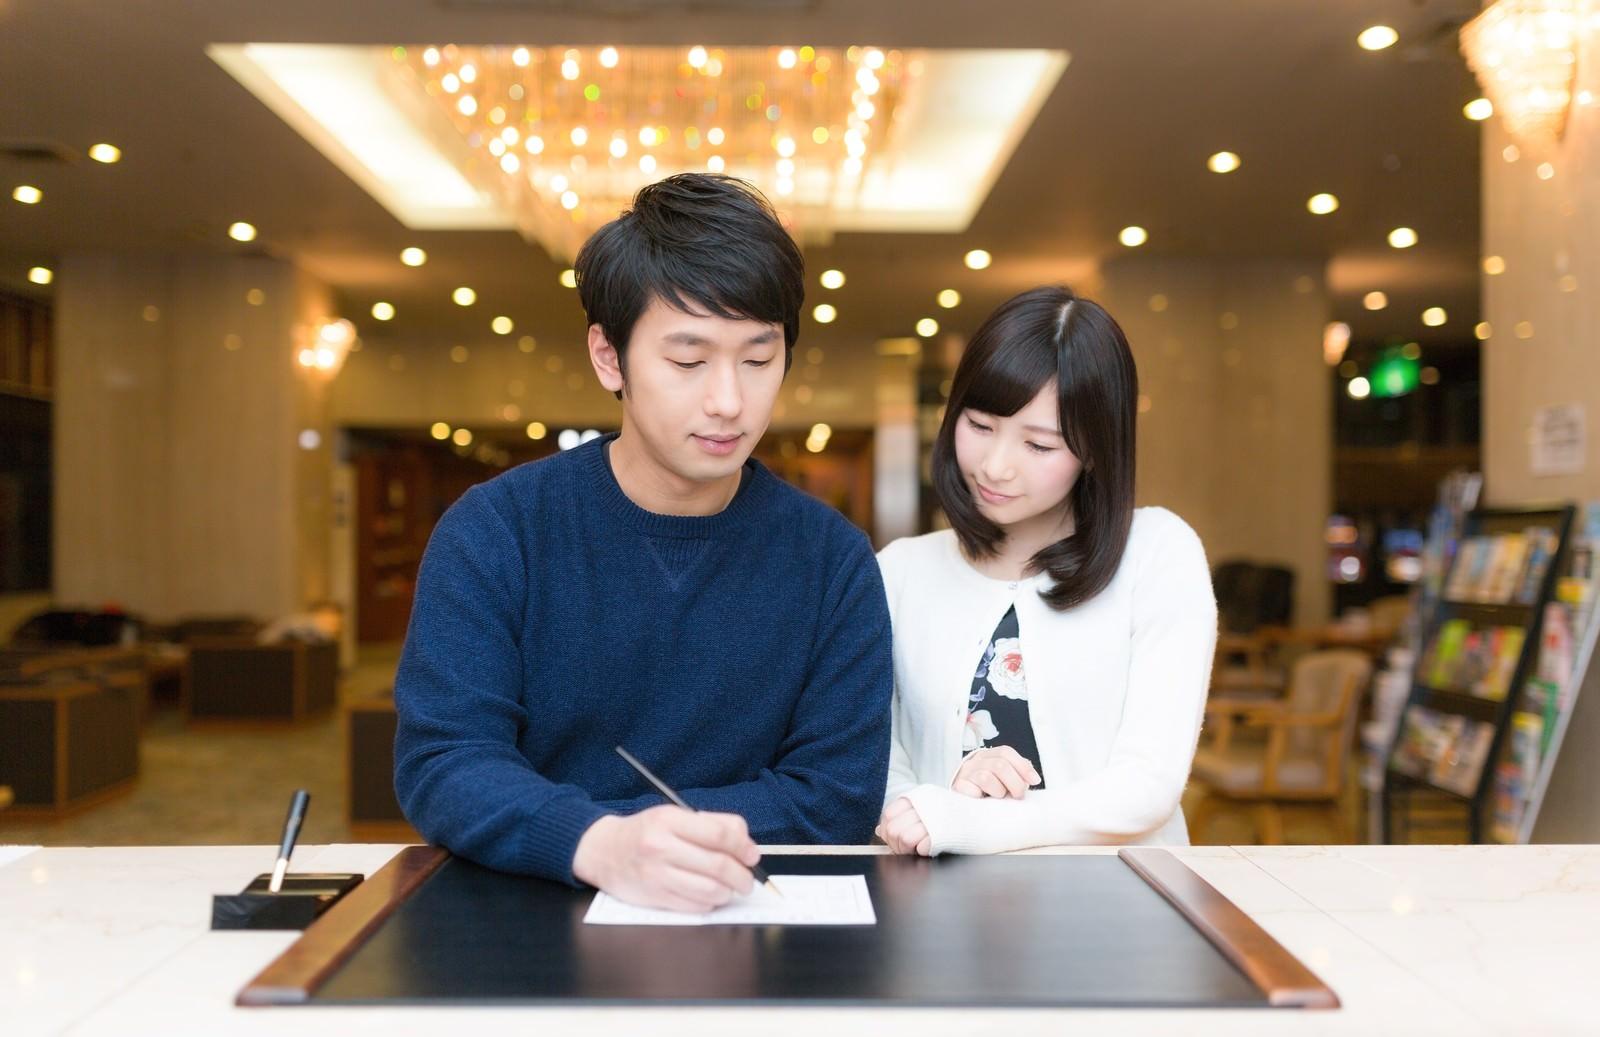 「ホテルに到着しチェックインをするカップルホテルに到着しチェックインをするカップル」[モデル:大川竜弥 伊藤里織]のフリー写真素材を拡大